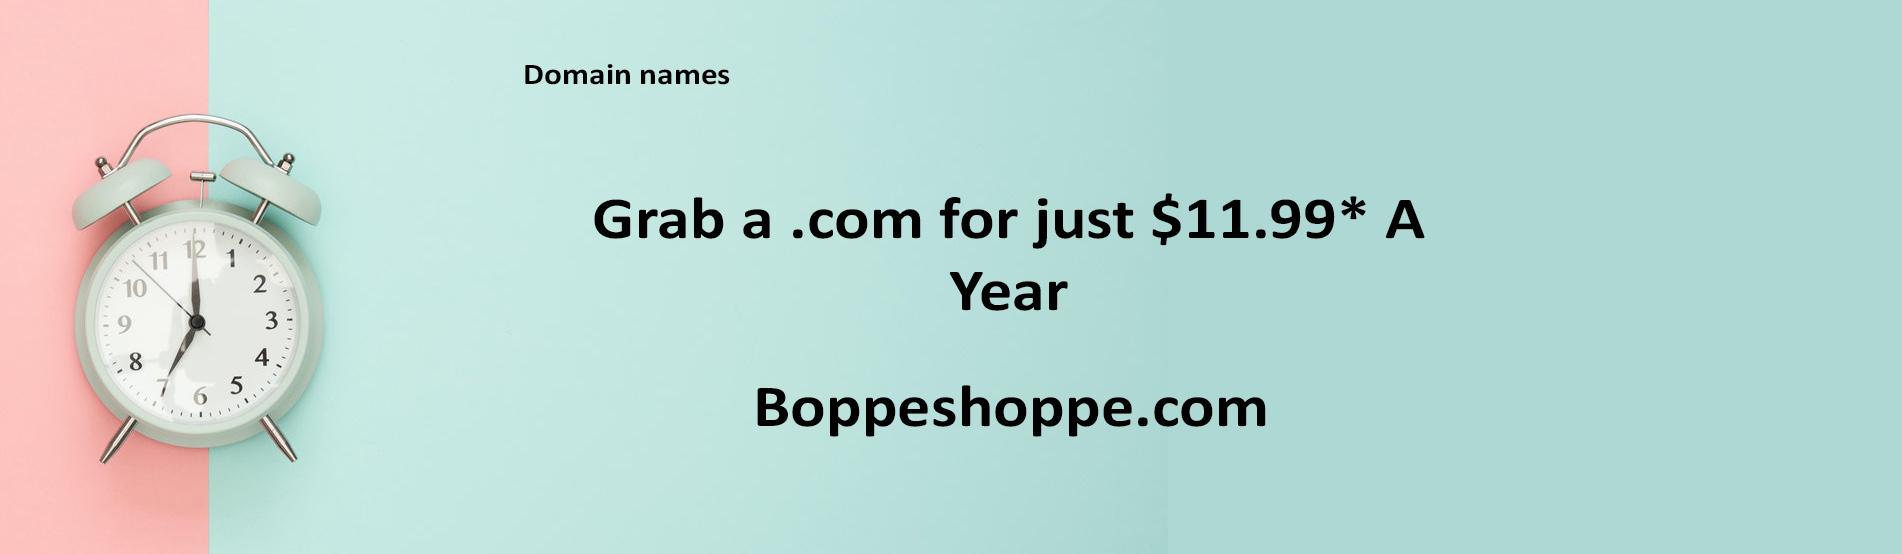 boppeshoppe-stew-hosting